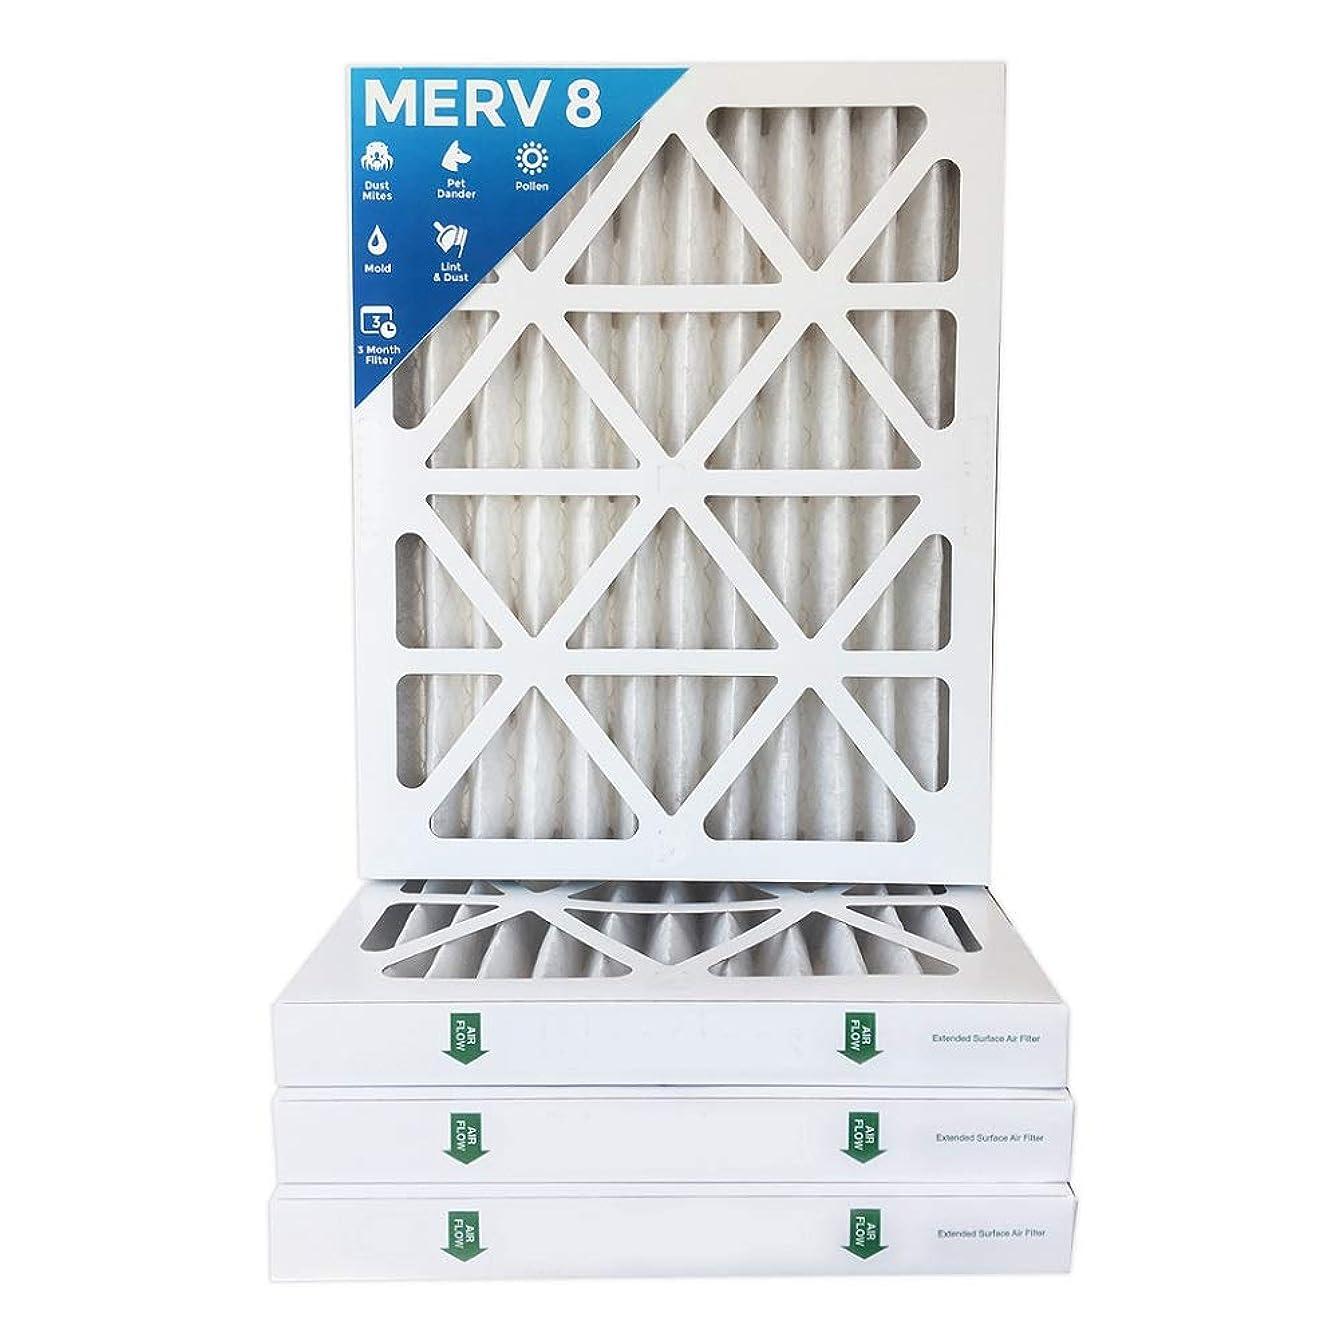 20x24x2 MERV 8 AC Furnace 2